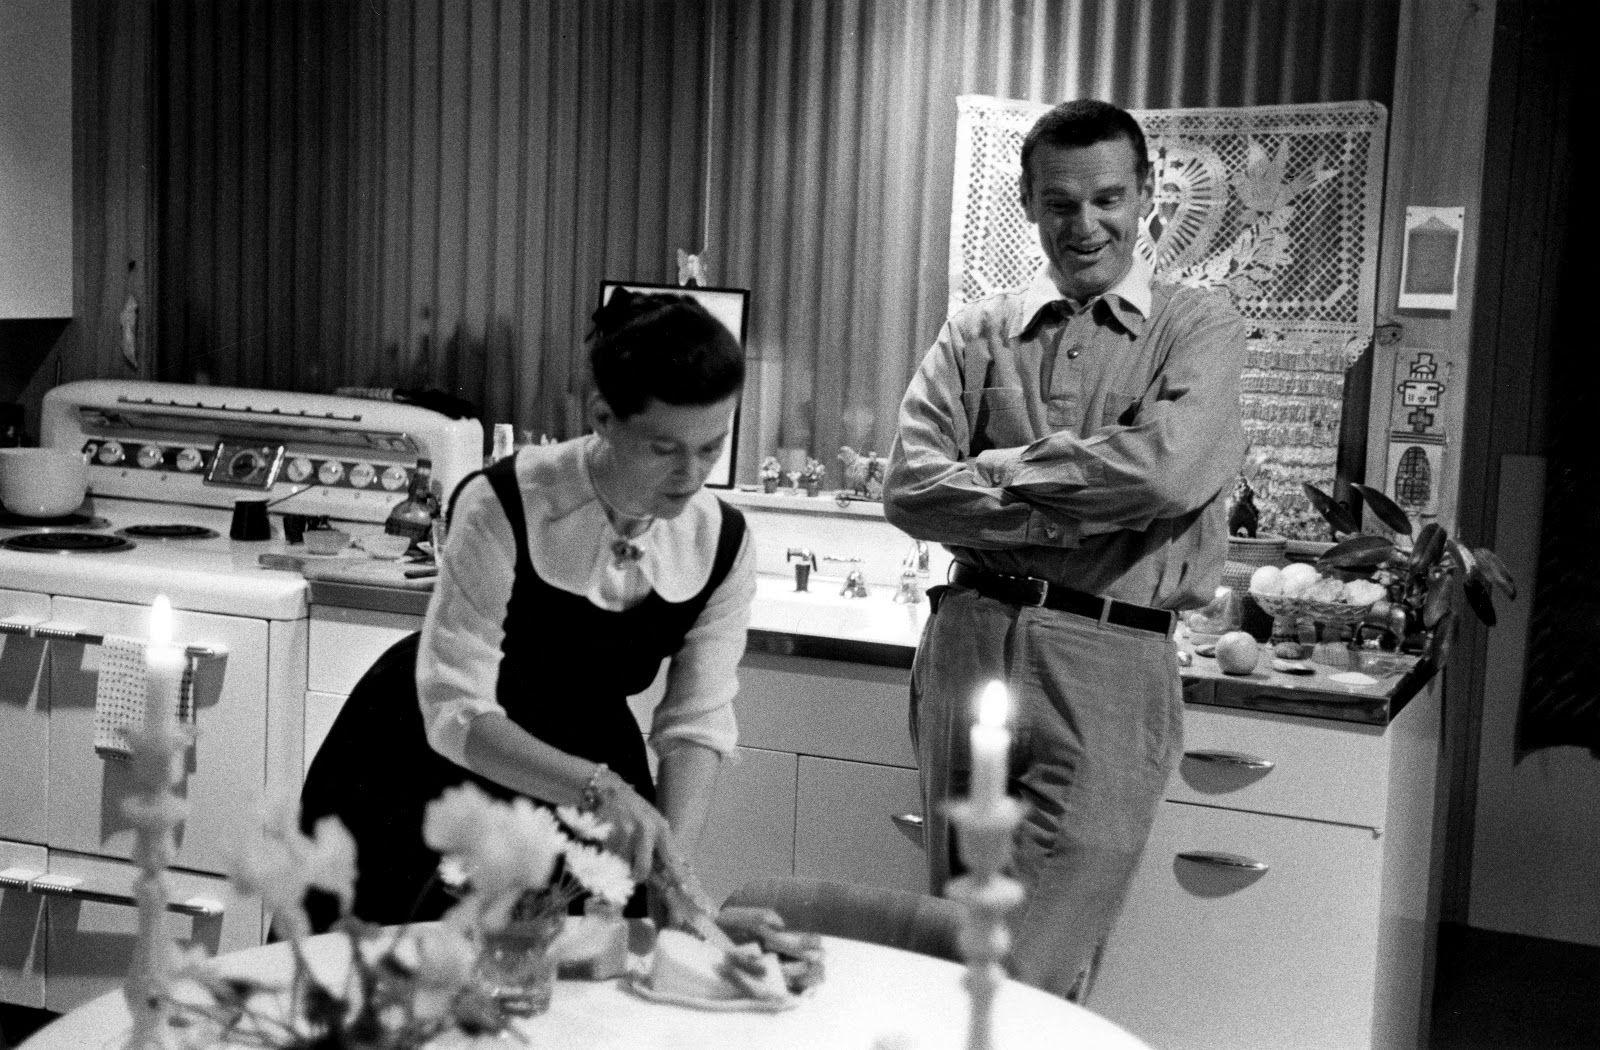 Charles Et Ray Eames Charles Ray Eames Eames Charles Eames